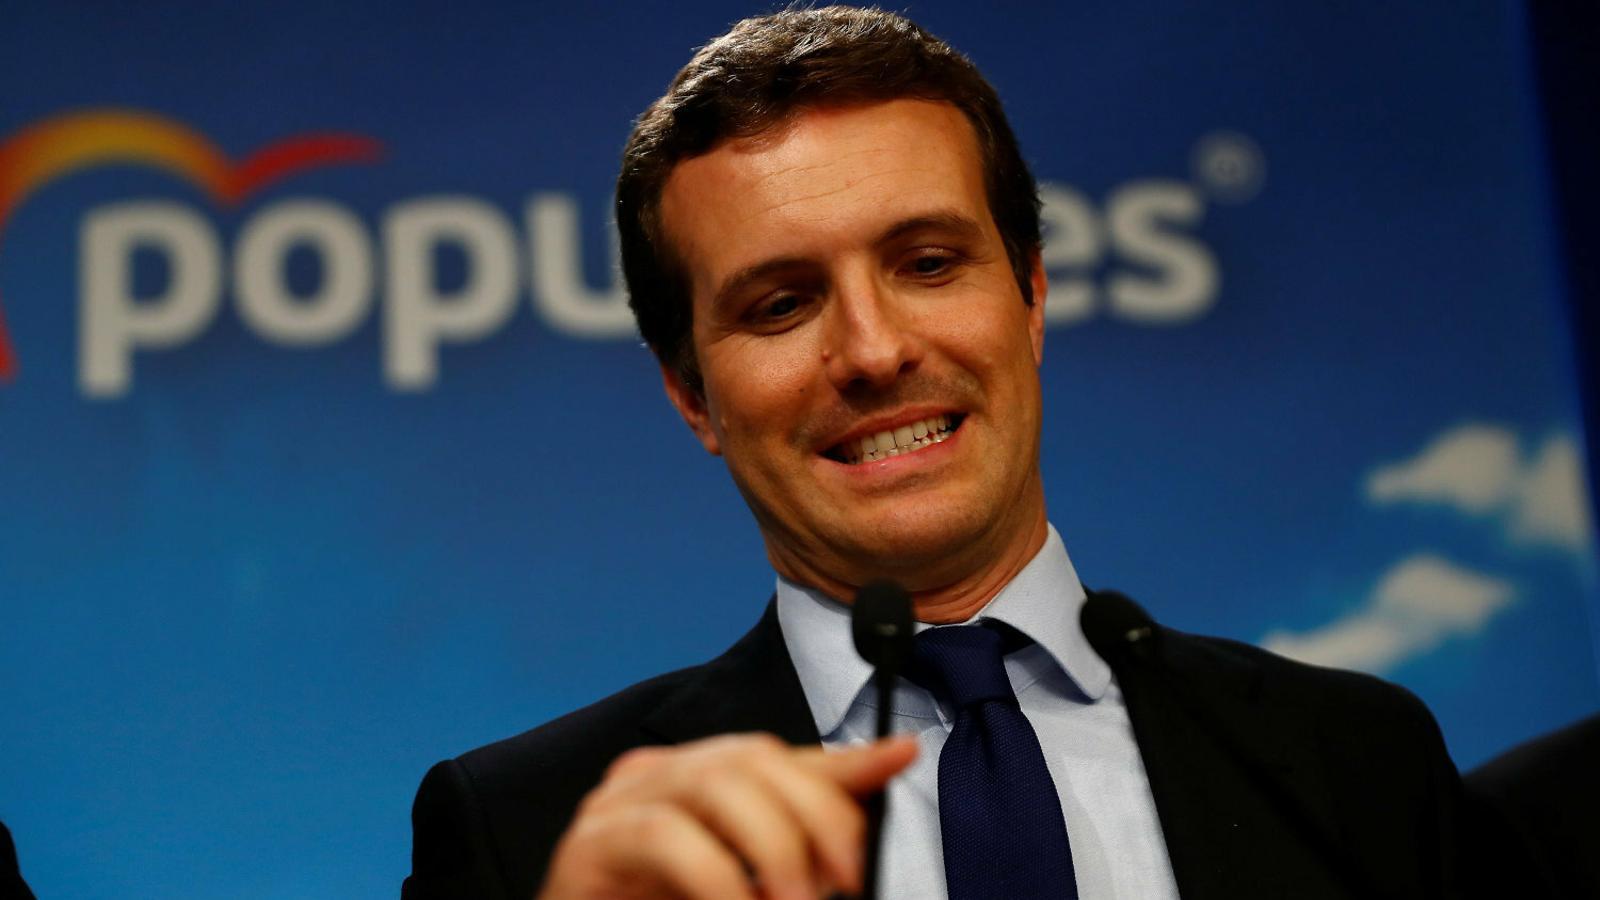 Pablo Casado a la seu del PP a Madrid després de conèixer-se els mals resultats.